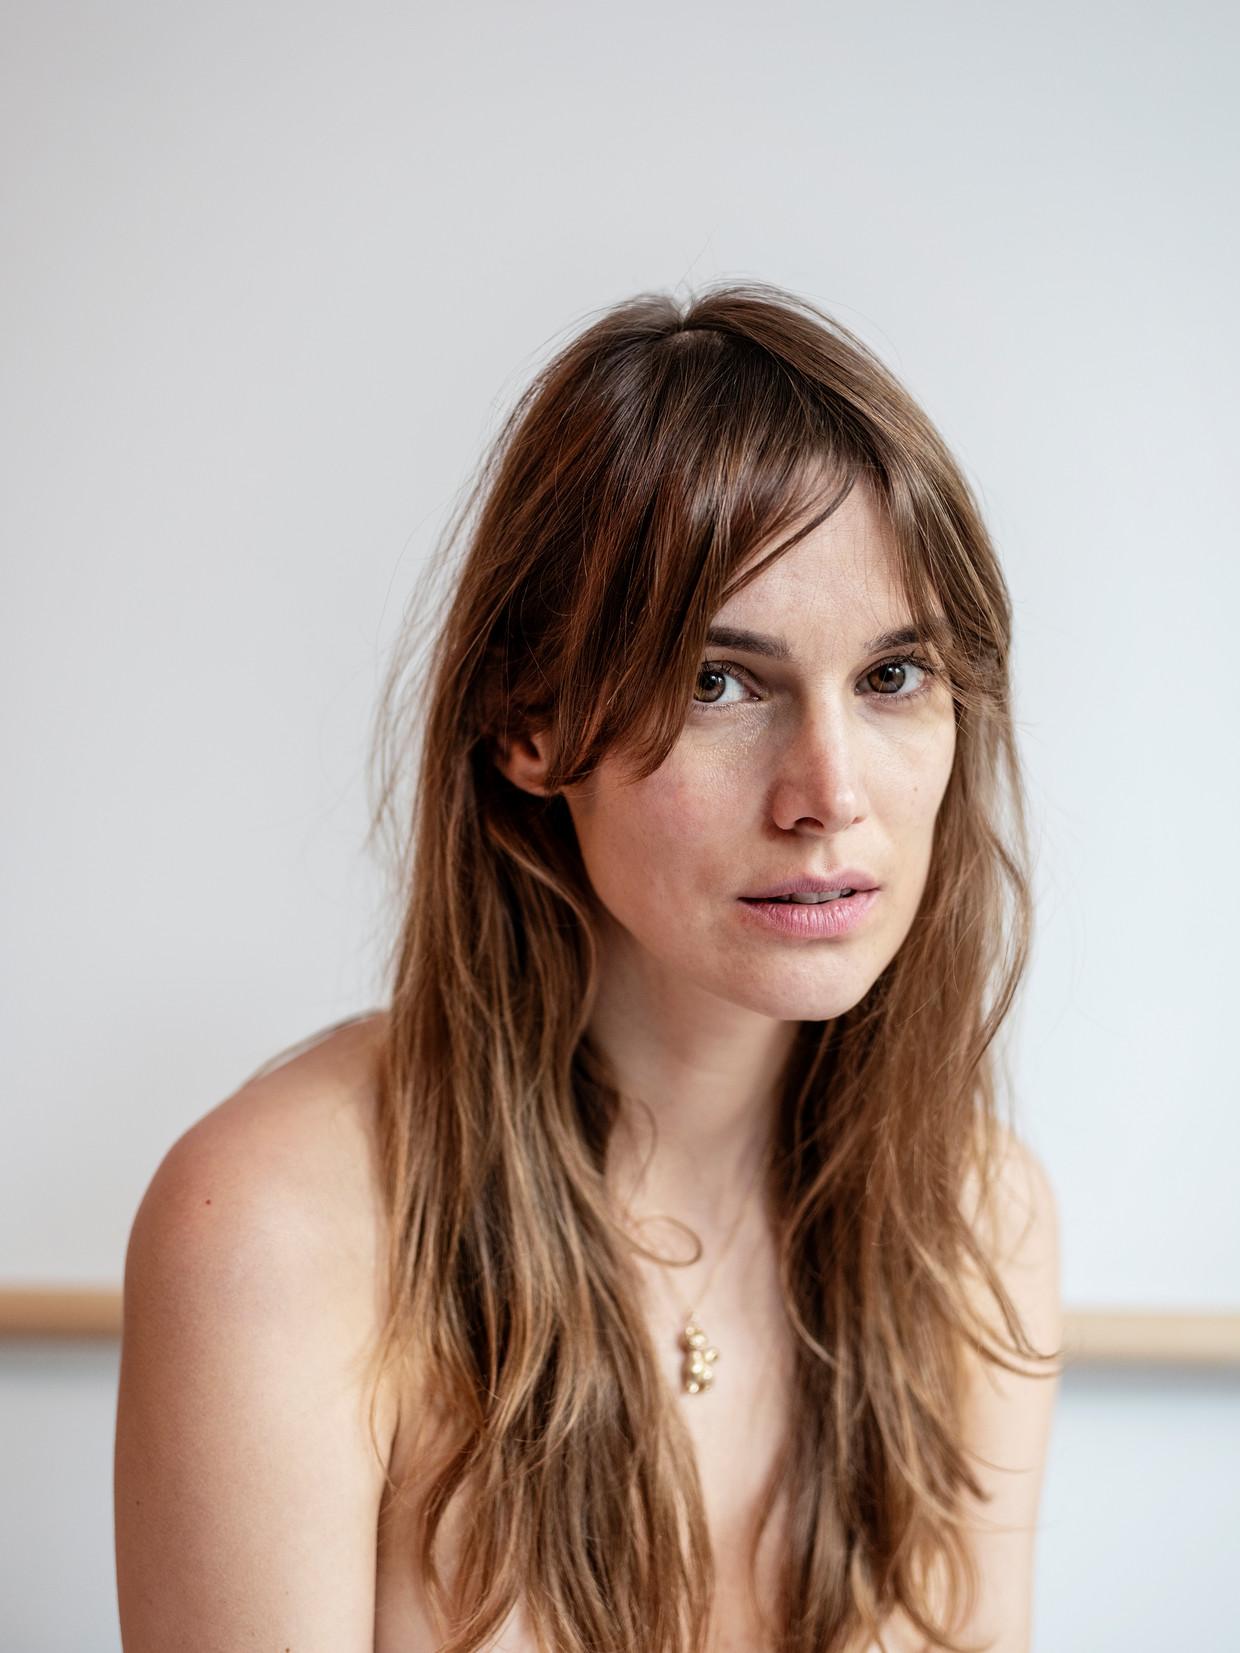 'Ik heb seks met vriendjes ook wel fijn gevonden, maar ik heb het altijd meer voor de ander gedaan dan voor mezelf.' Beeld Tara Fallaux